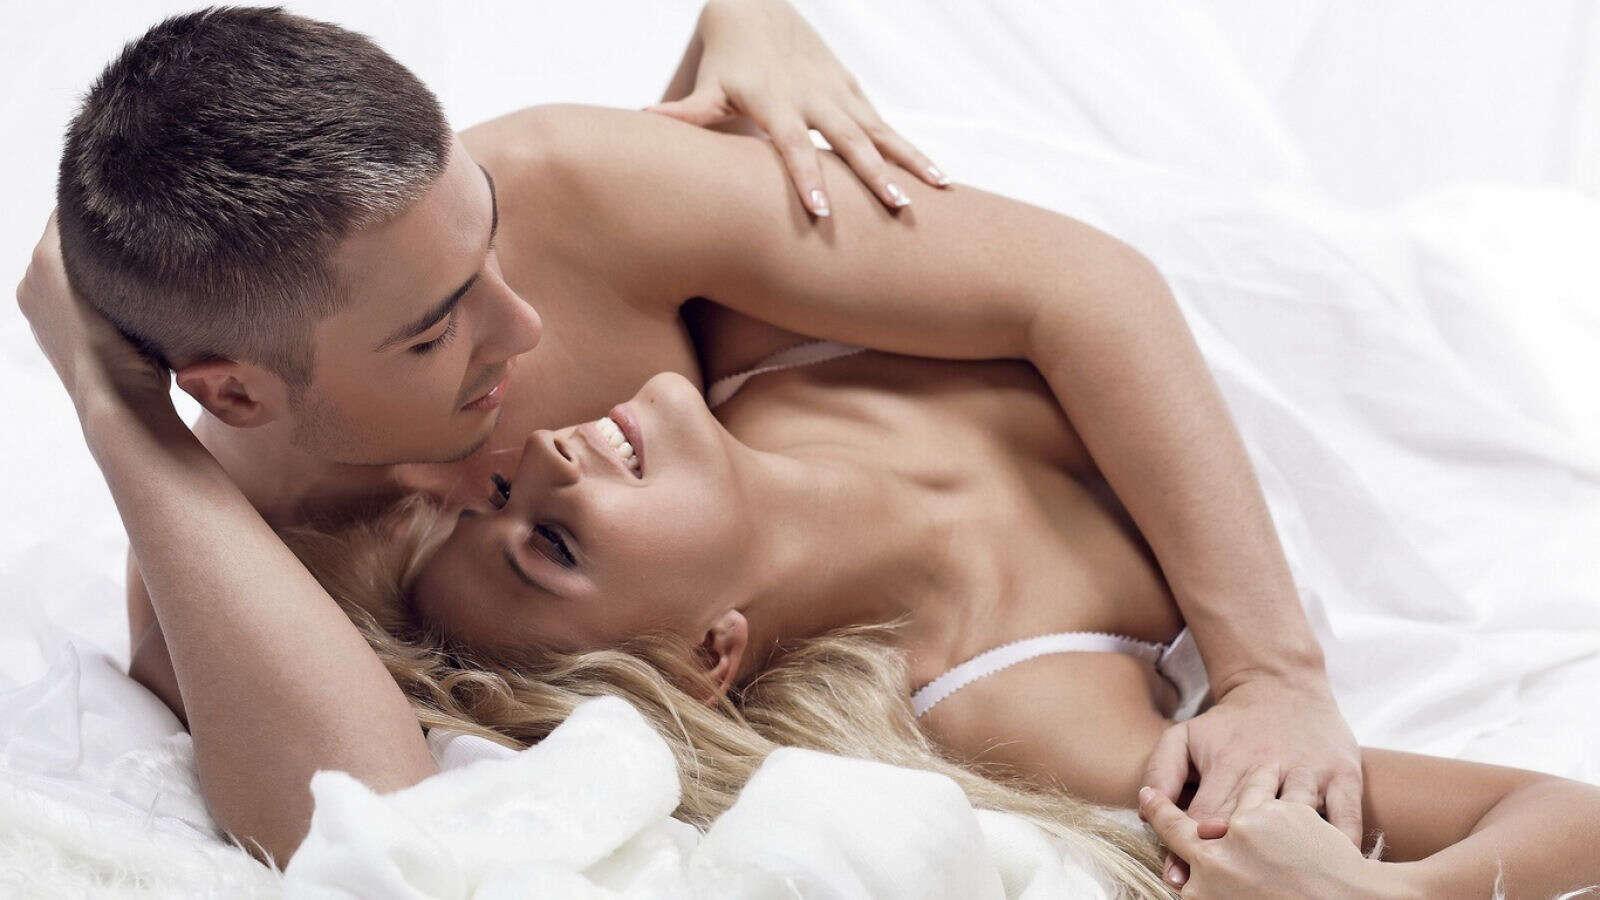 Dicas surpreendentes para ter um sexo melhor